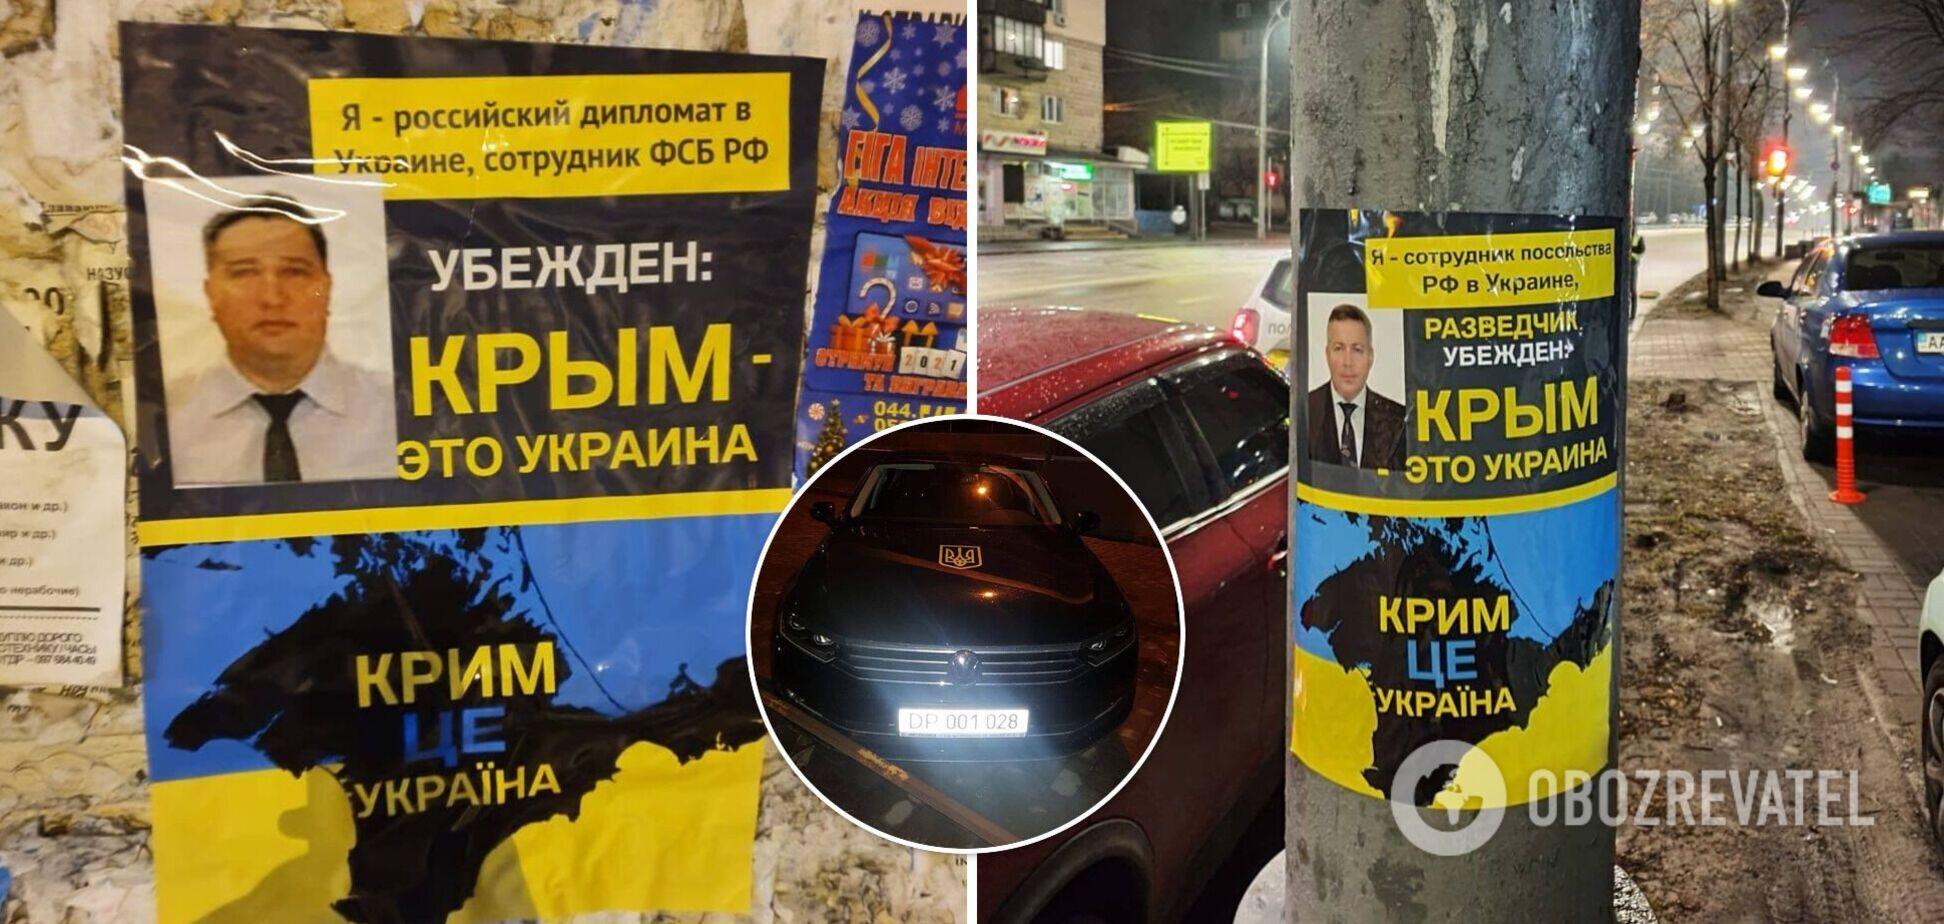 Дипломатов РФ в Украине потроллили из-за Крыма